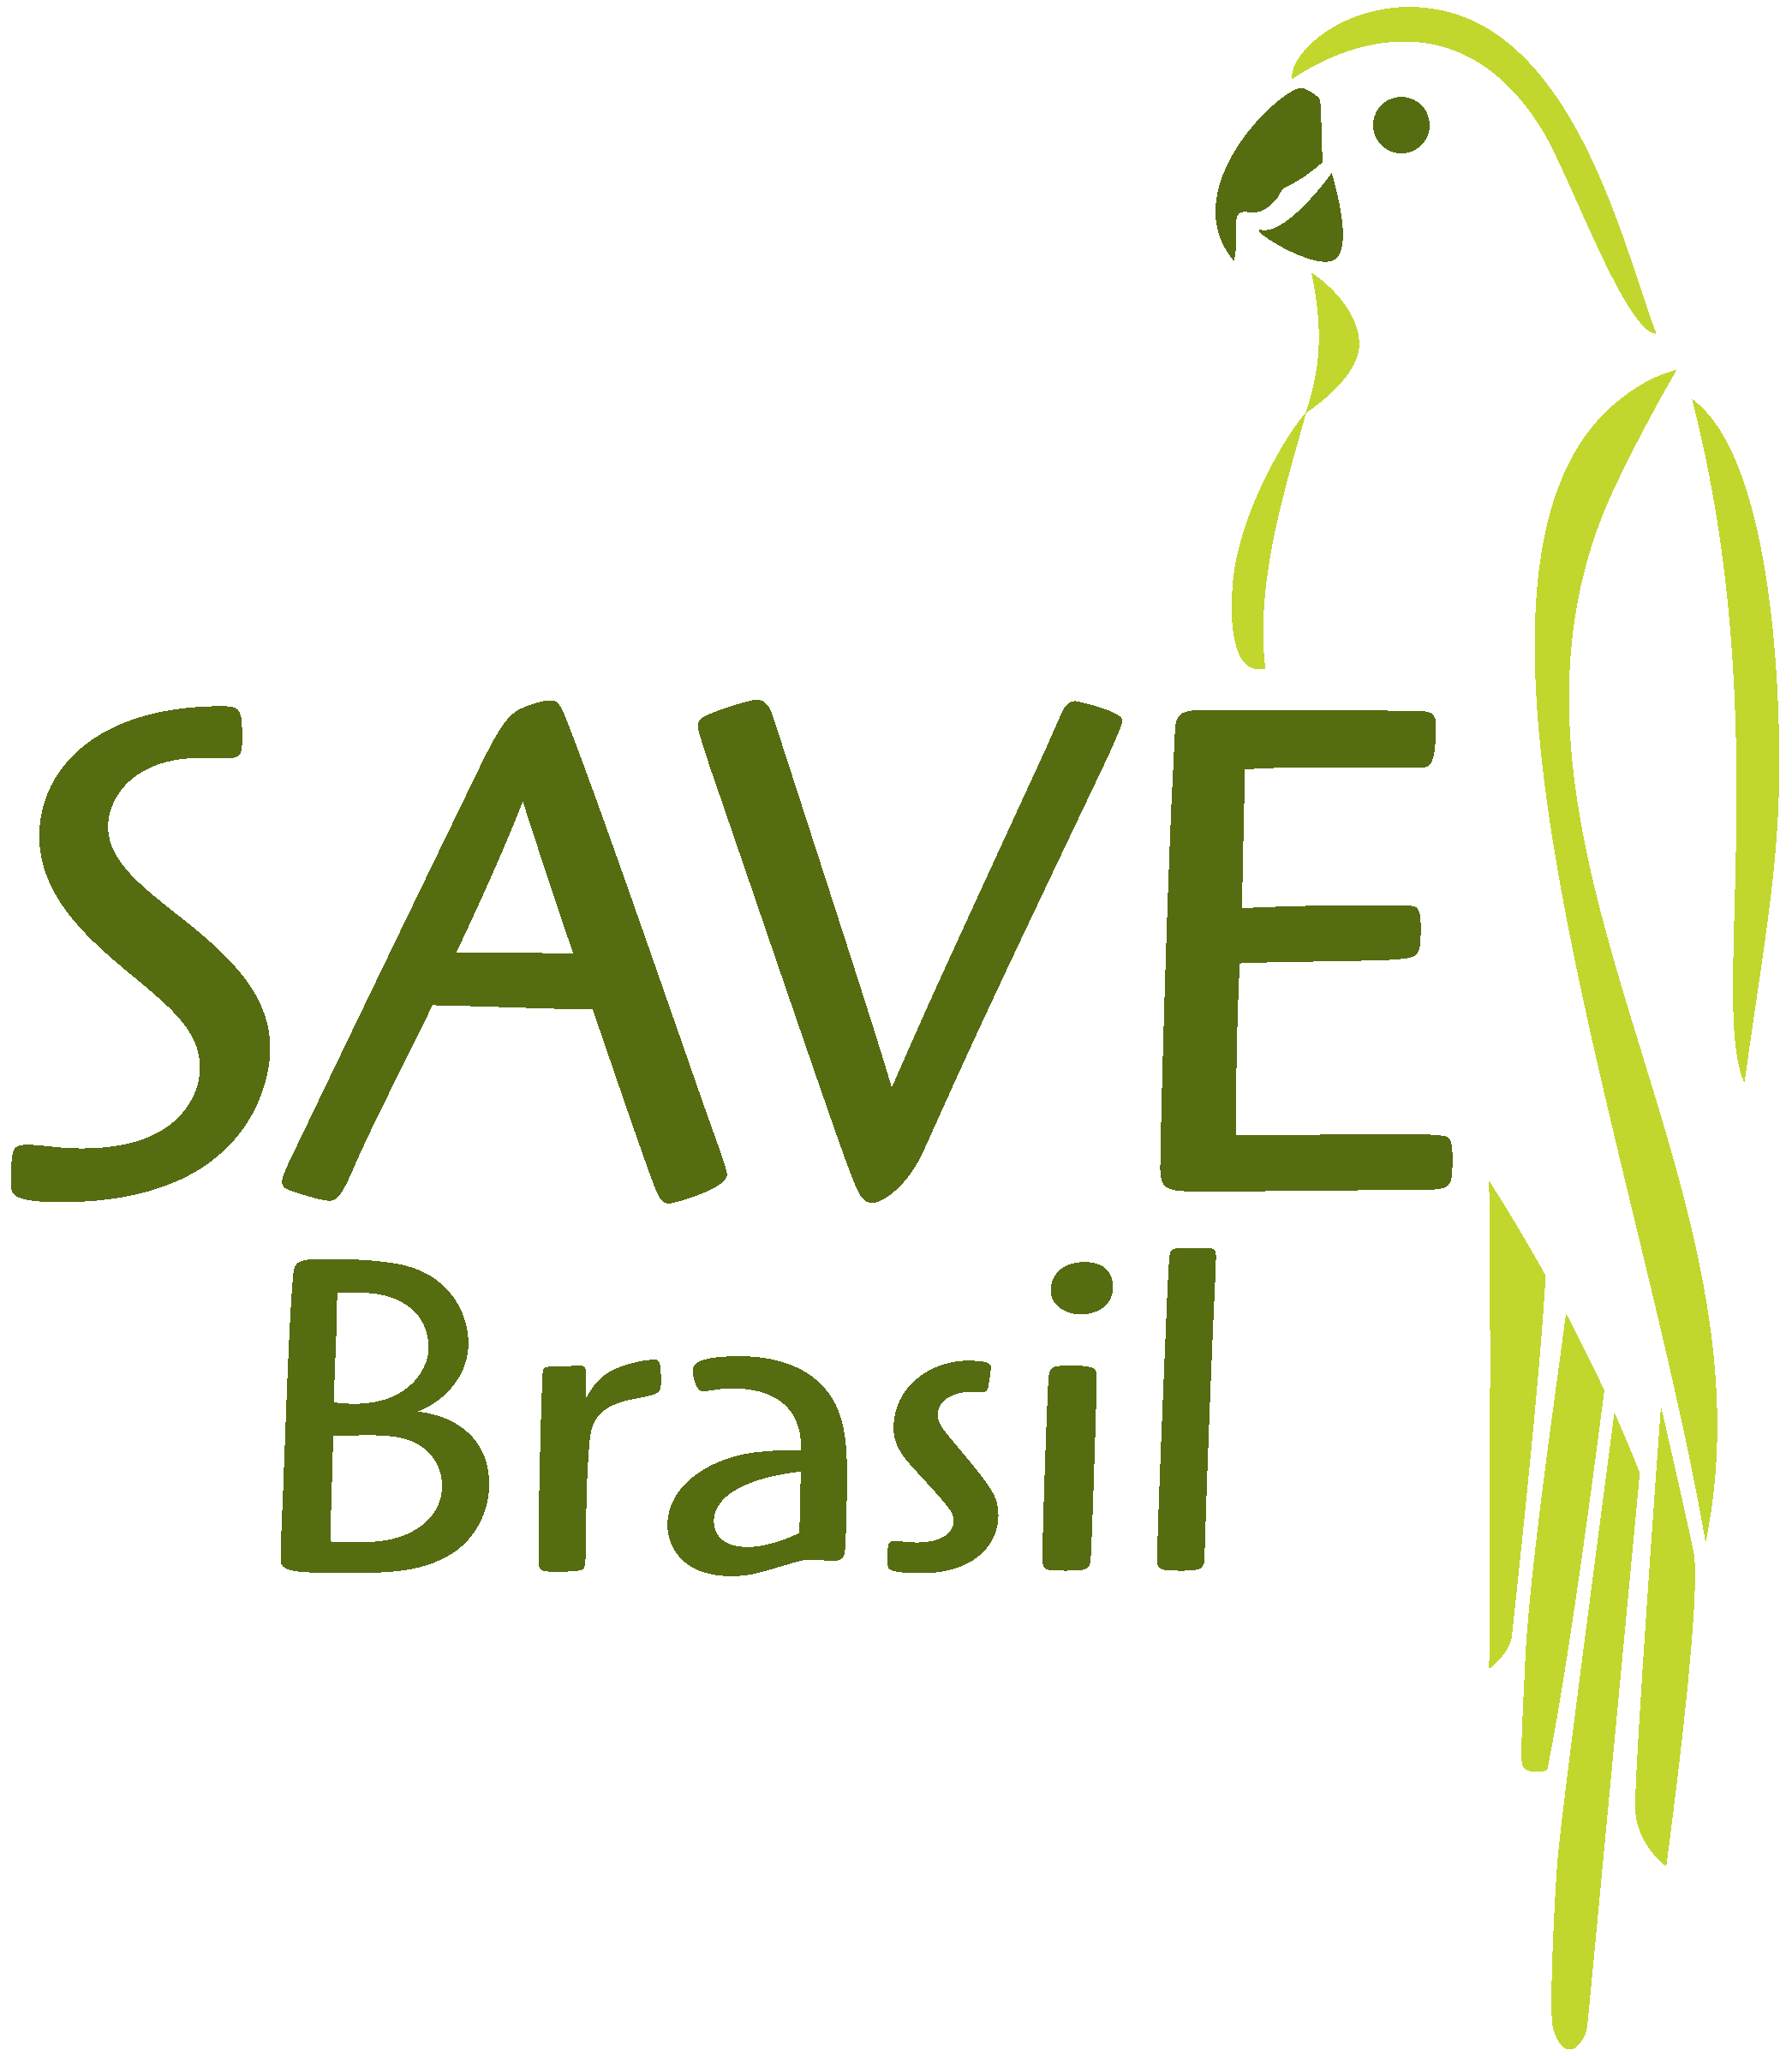 Save Brasil - Passaros Birdwatching